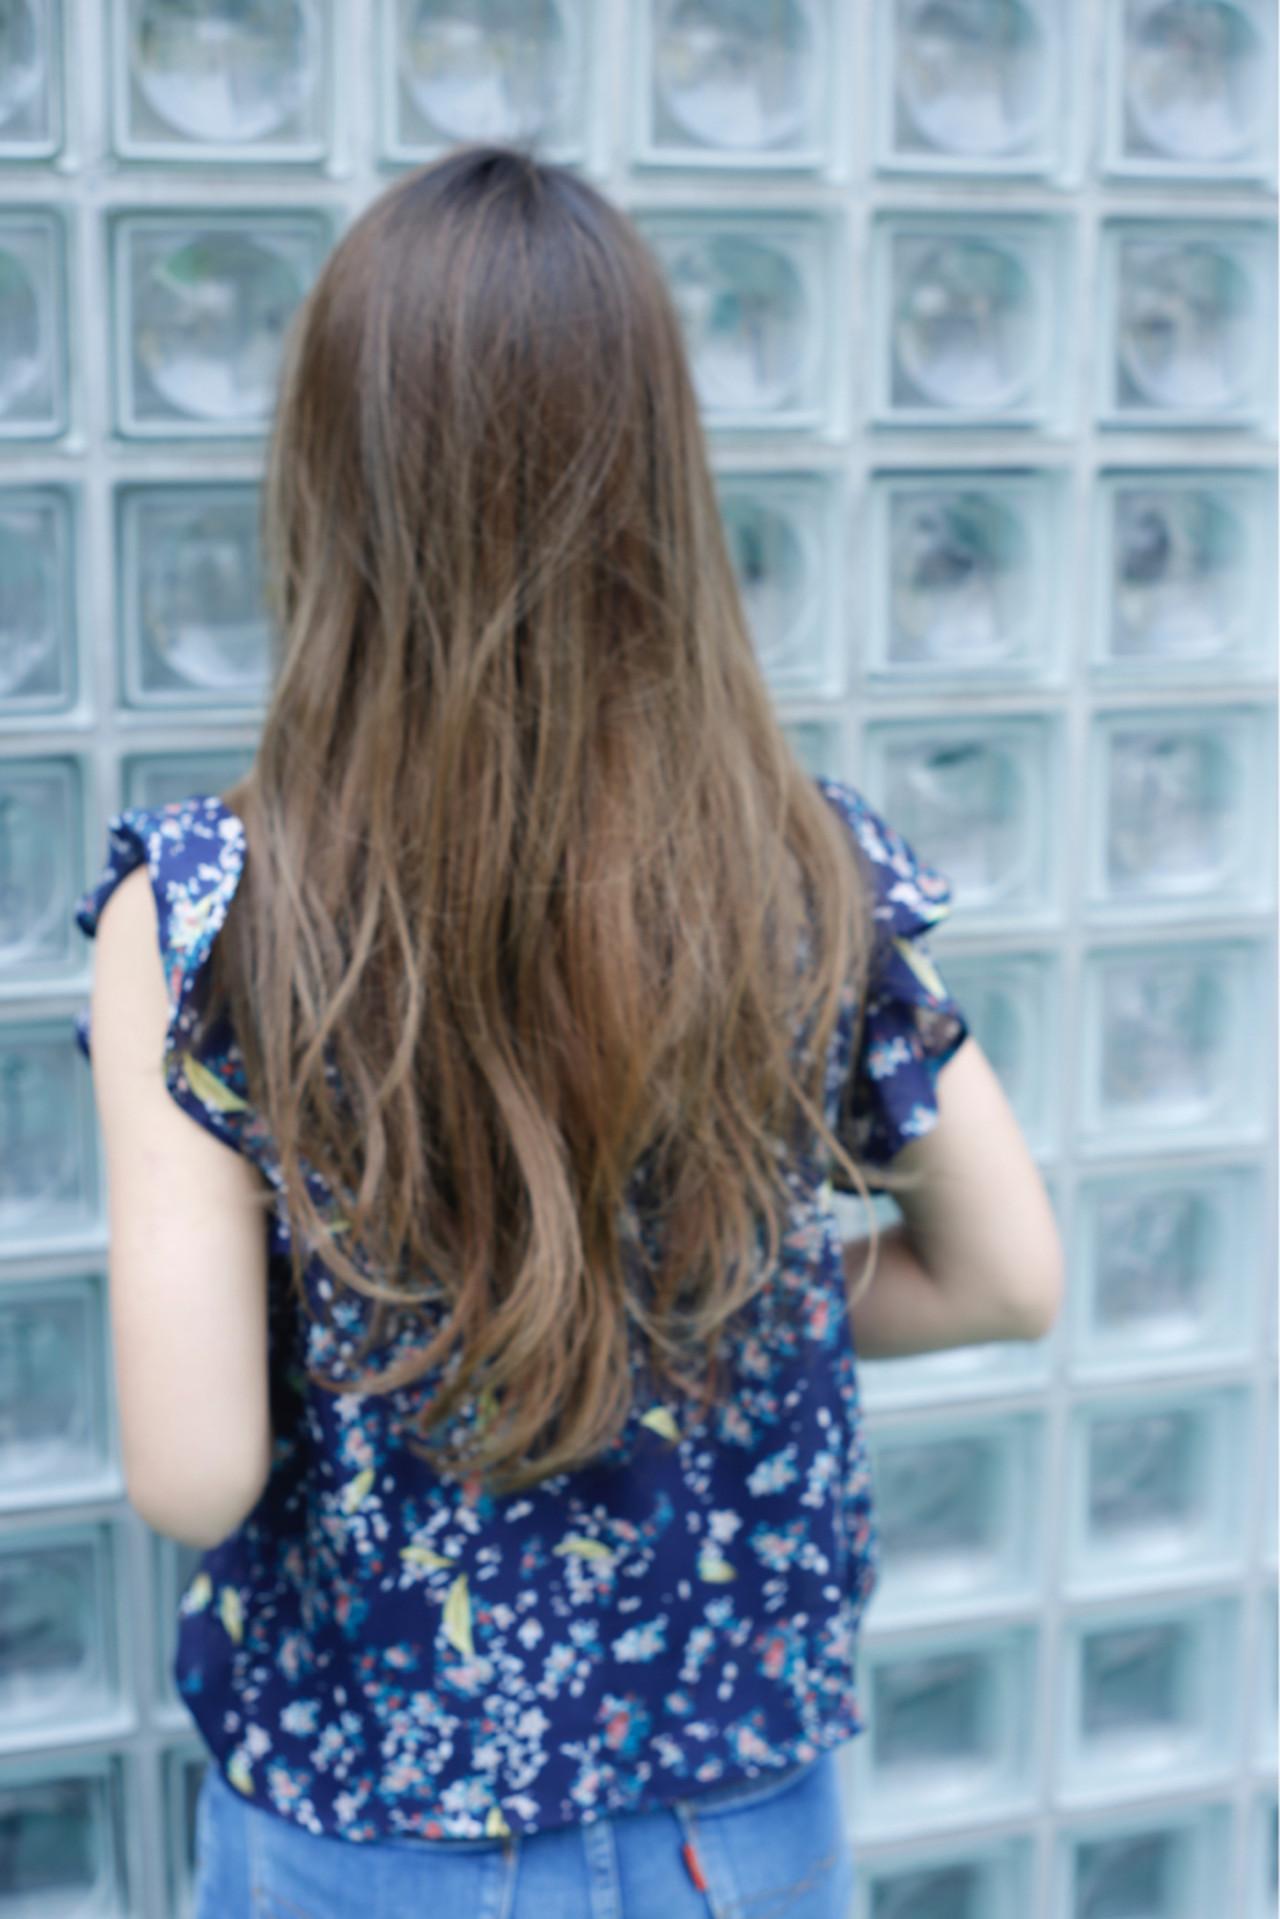 アウトドア ナチュラル ロング グレージュ ヘアスタイルや髪型の写真・画像 | 中村 猛 / MODE K's 塚本店 (モードケイズ)